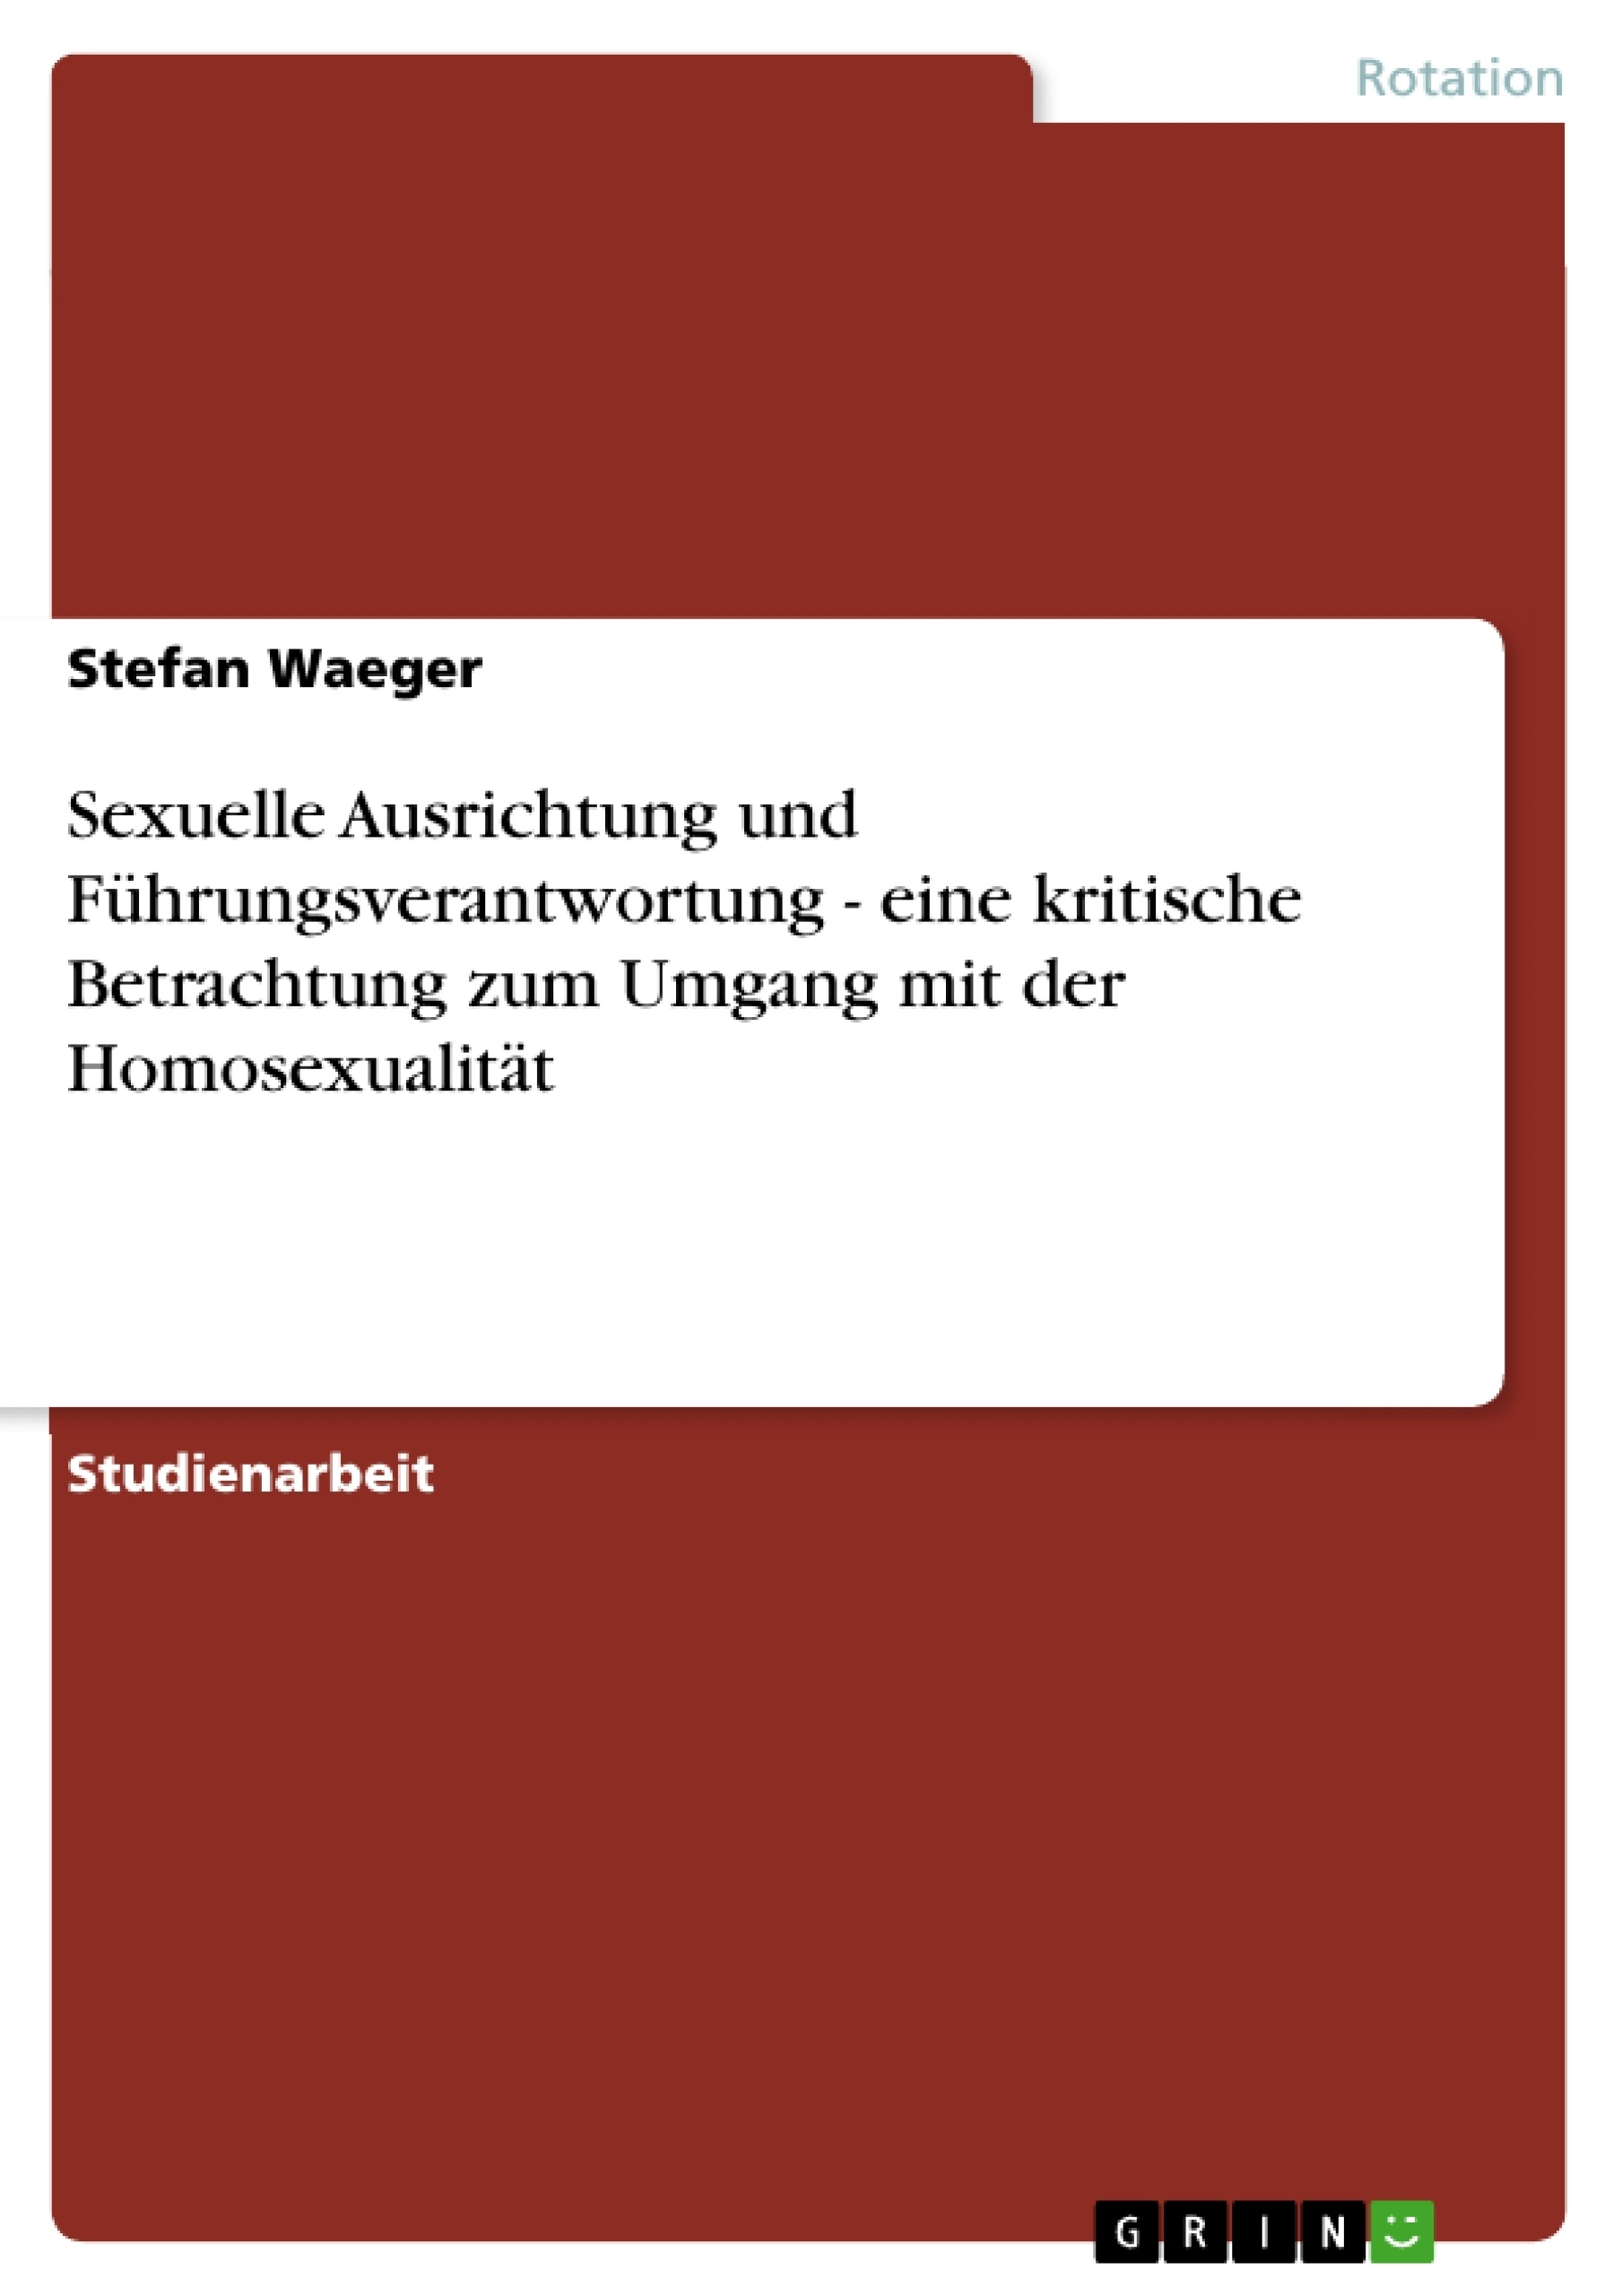 Titel: Sexuelle Ausrichtung und Führungsverantwortung - eine kritische Betrachtung zum Umgang mit der Homosexualität